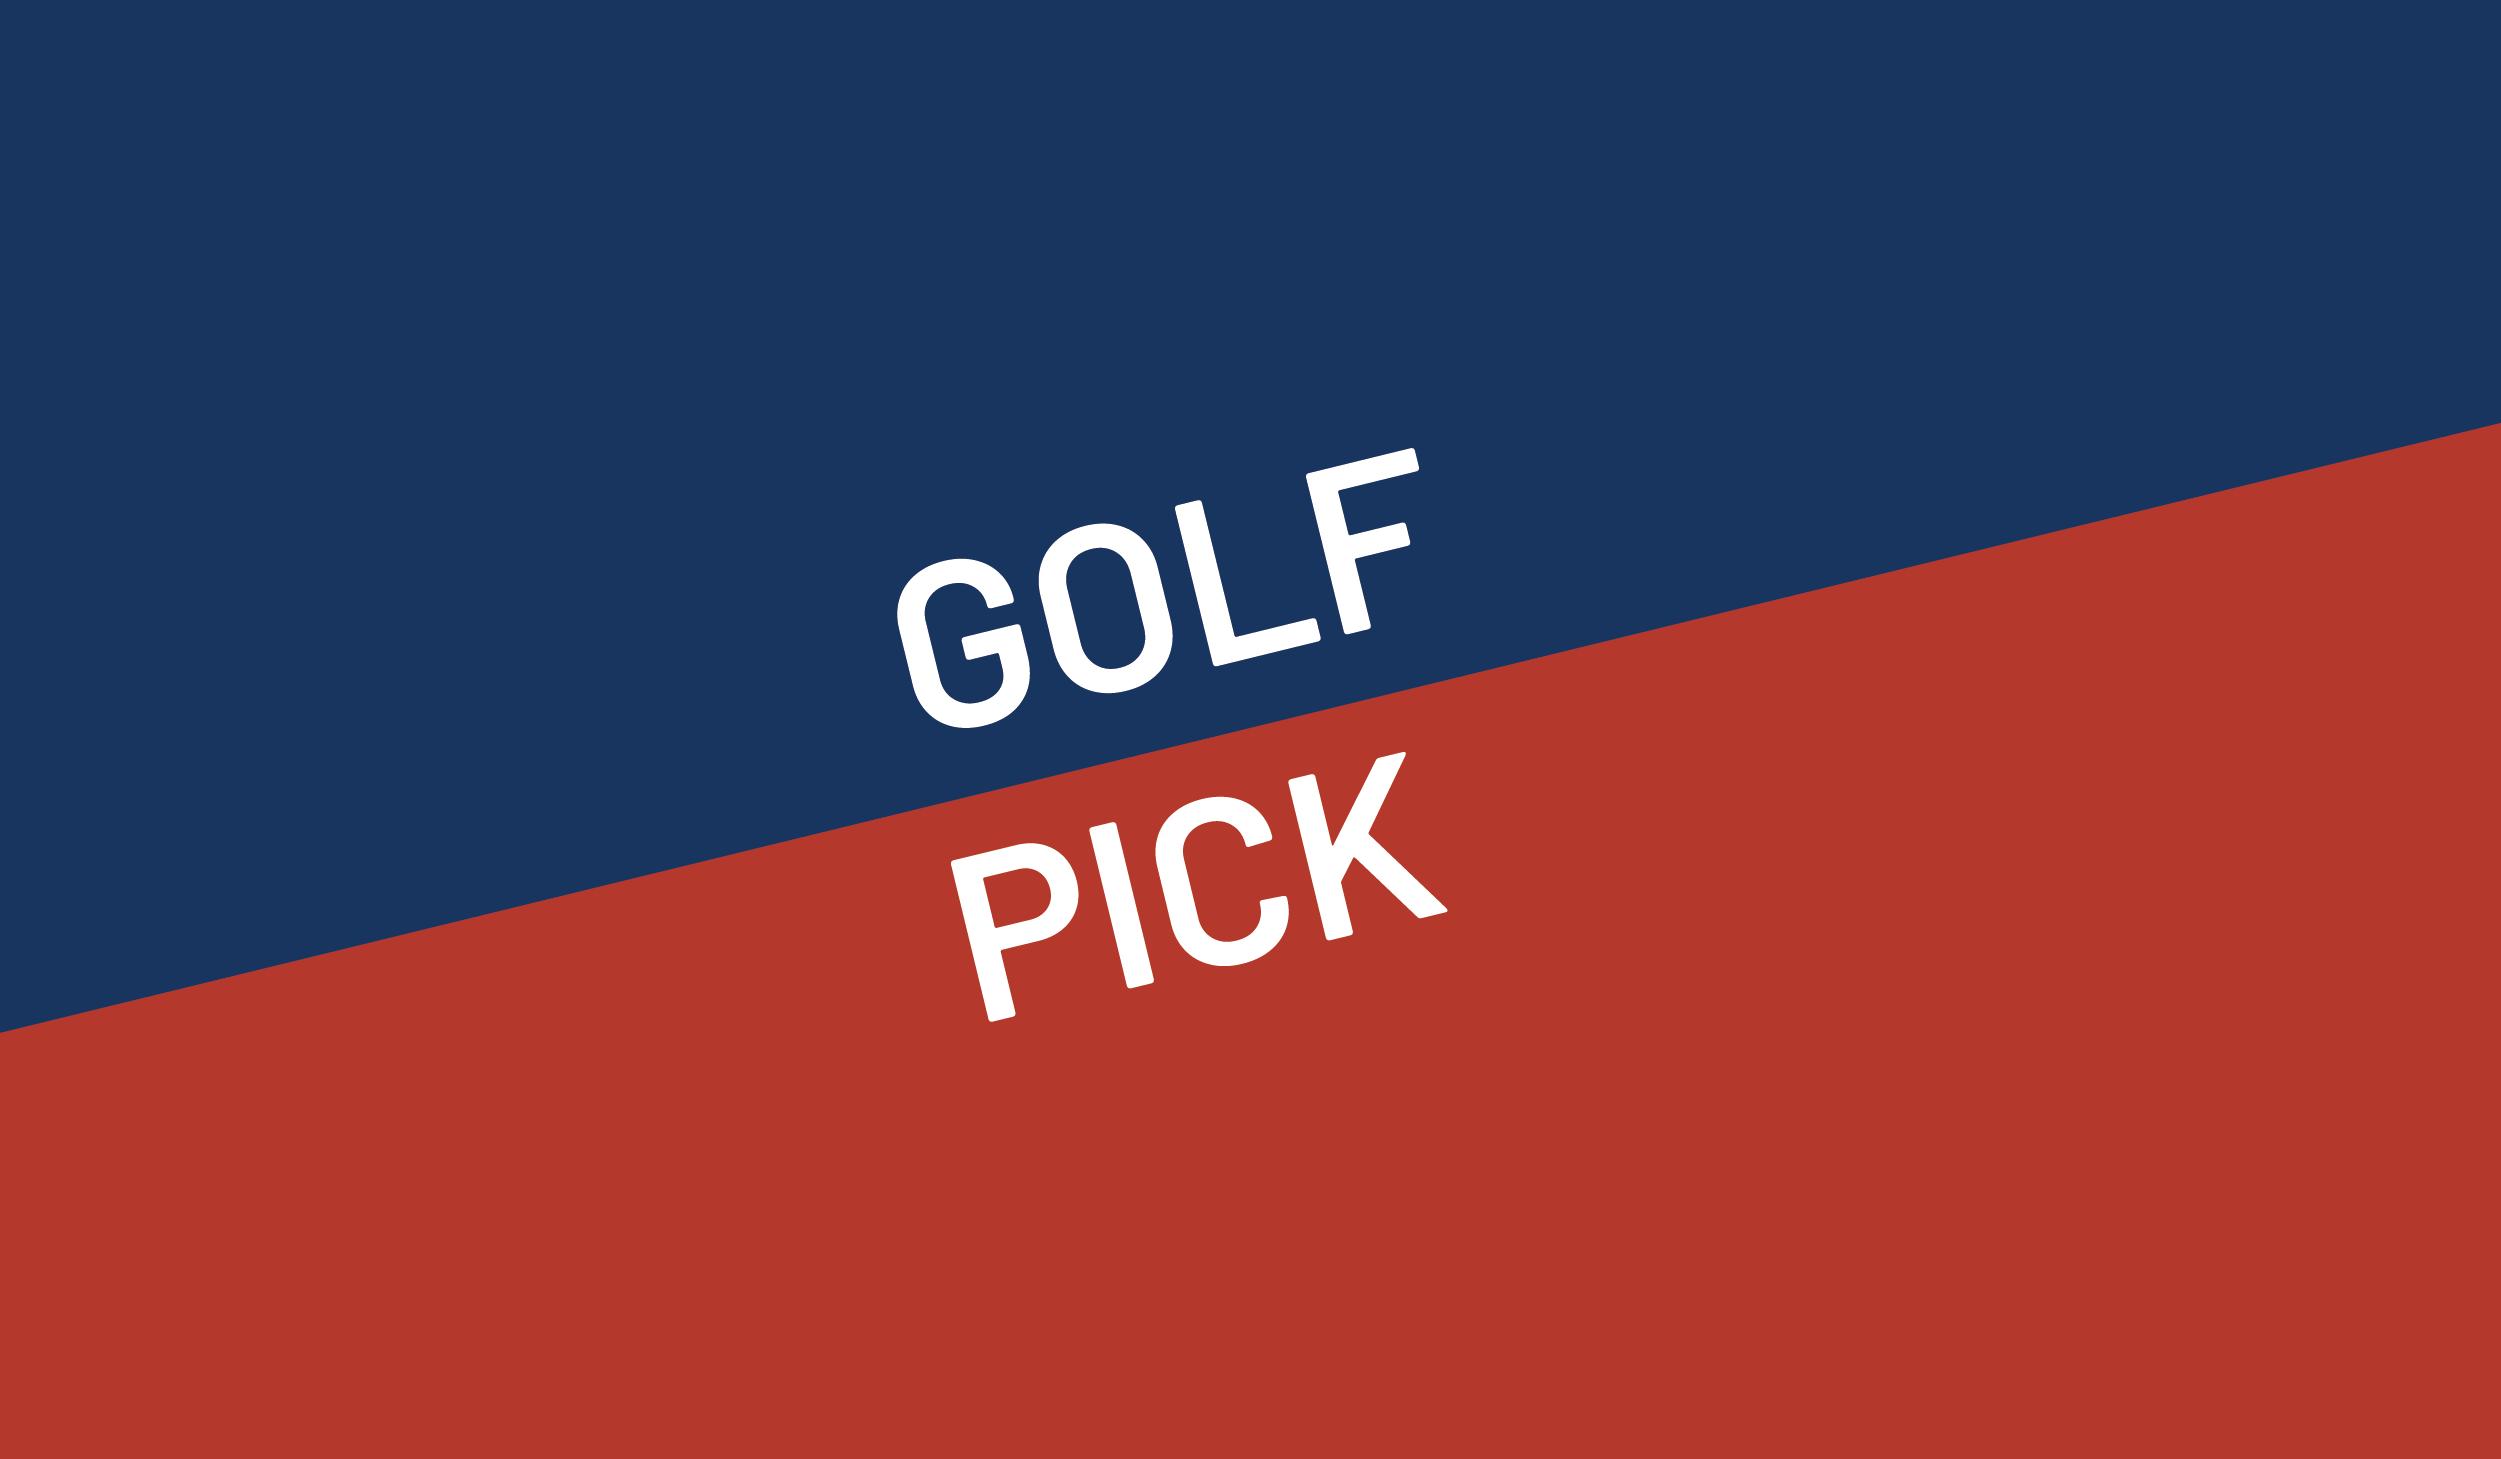 Golf Picks cover image